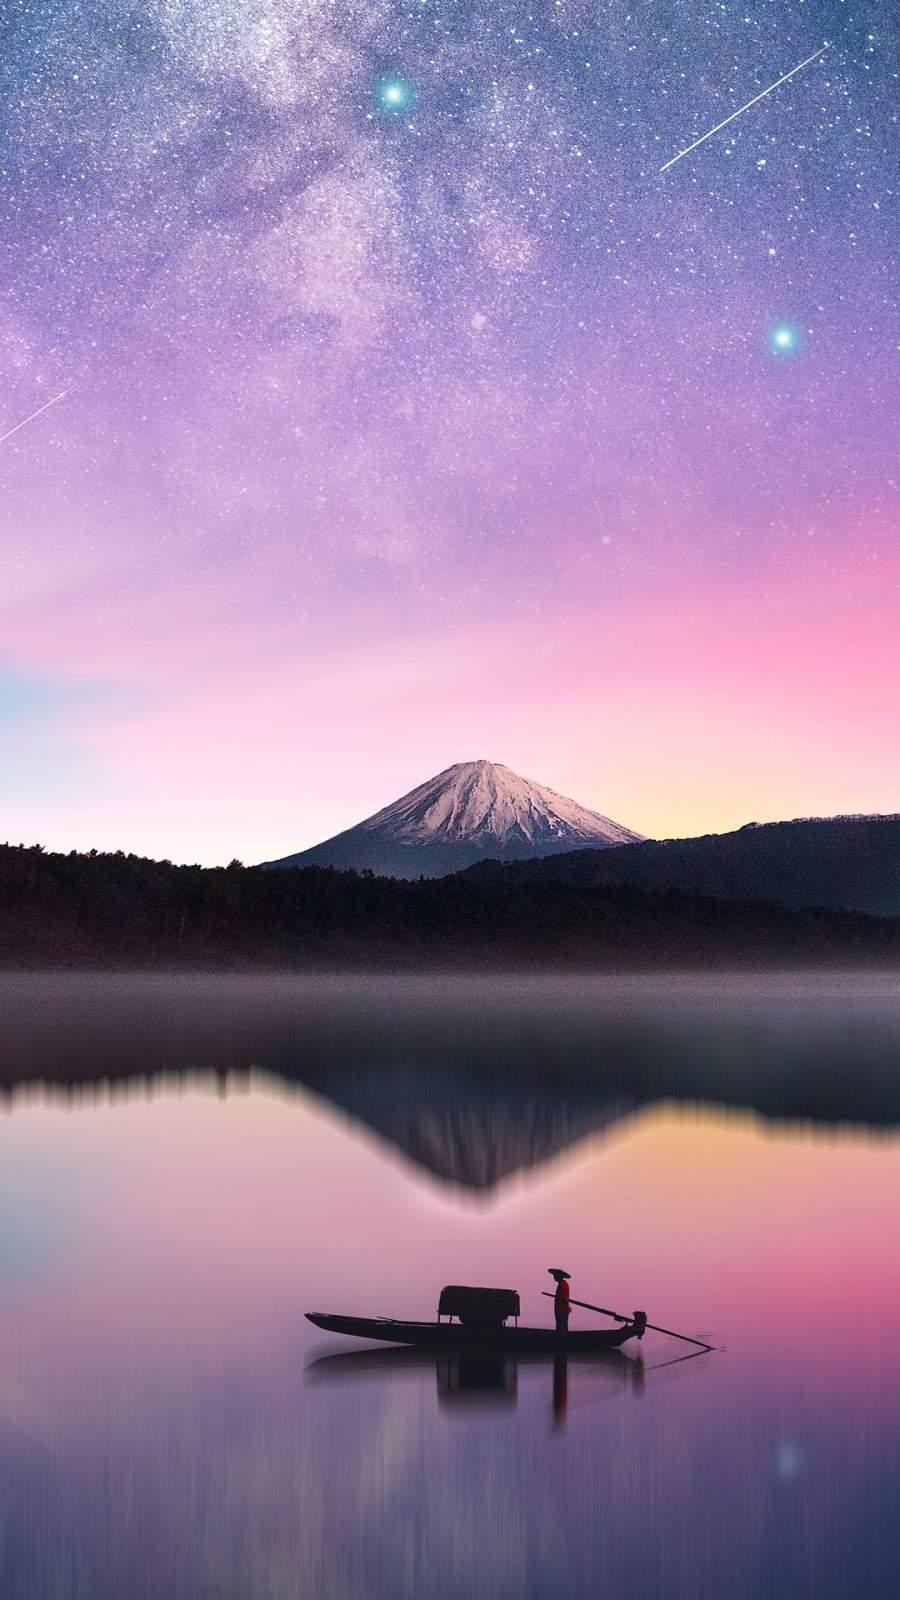 Milky Way Mount Fuji iPhone Wallpaper